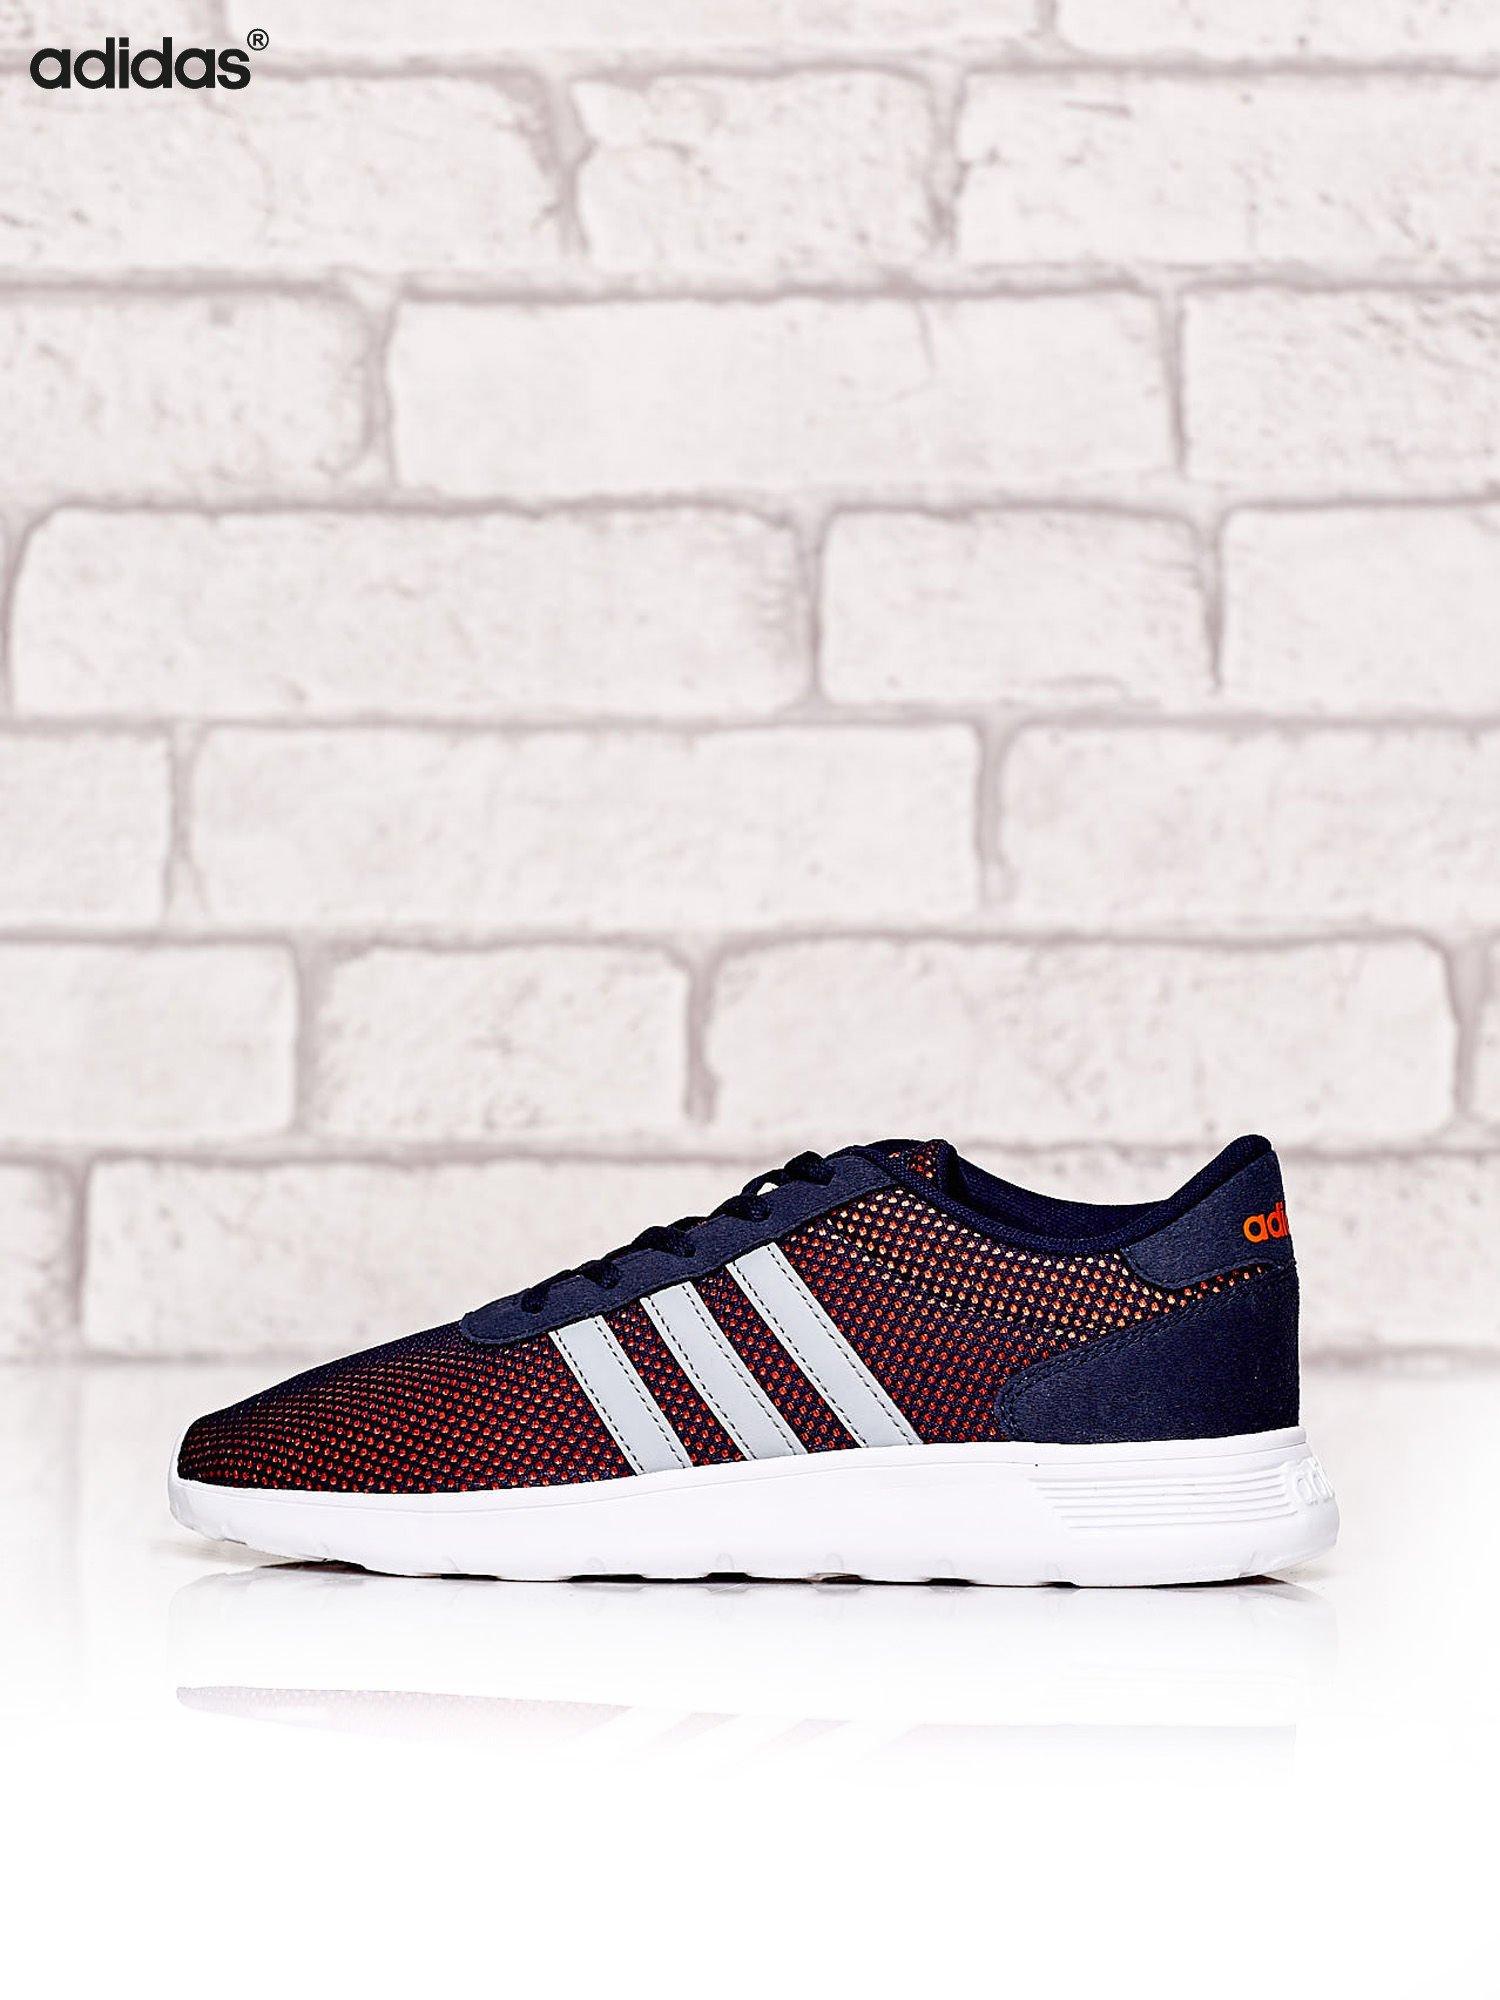 gładki kup tanio Nowe Produkty ADIDAS Granatowe siateczkowe buty sportowe damskie